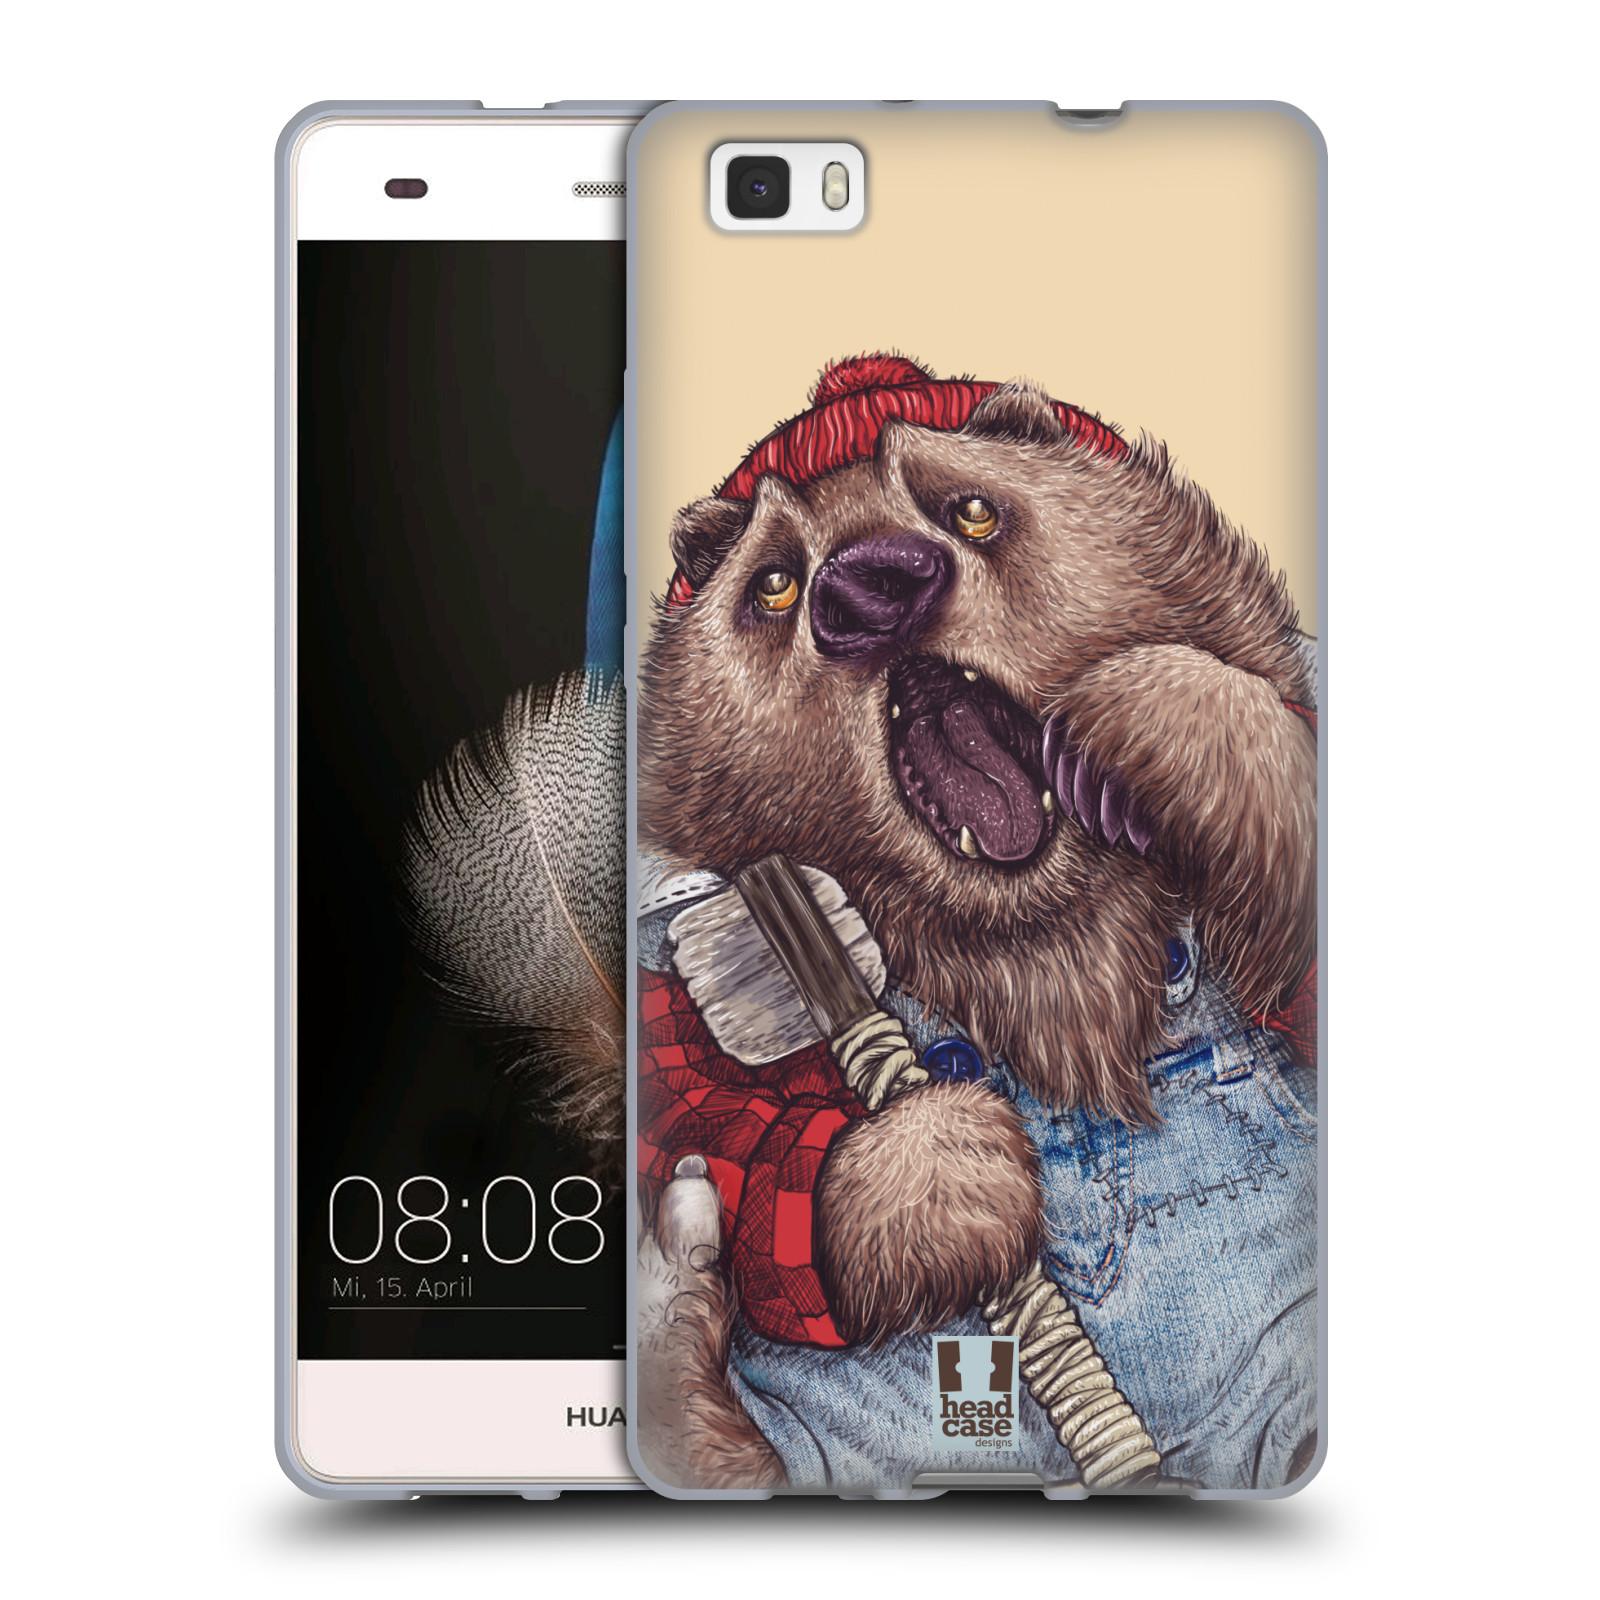 HEAD CASE silikonový obal na mobil HUAWEI P8 LITE vzor Kreslená zvířátka medvěd